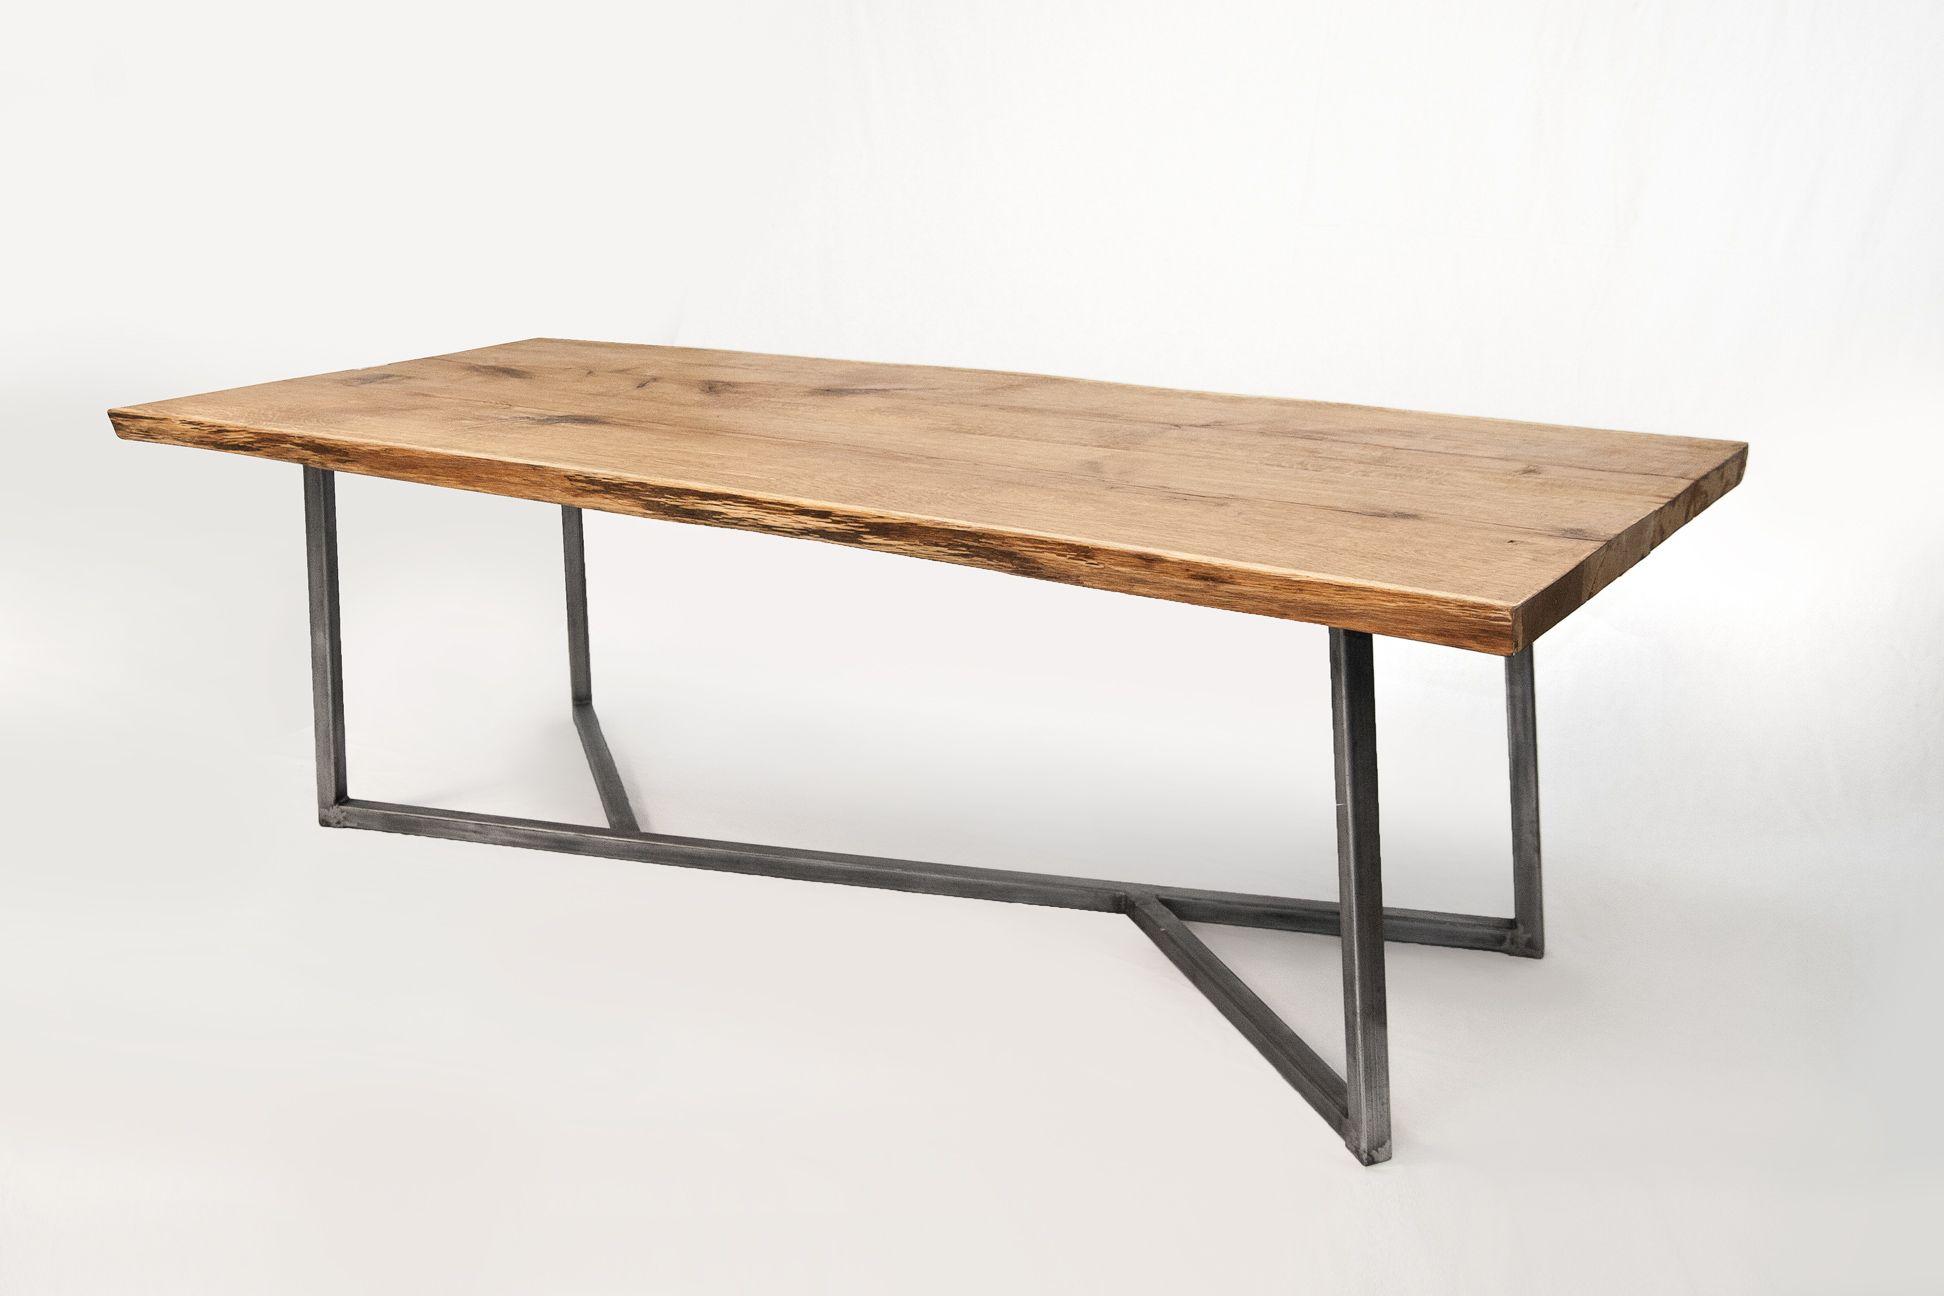 Oak Steel Table Xxl Http Www Nutsandwoods De Esstisch Stuhle Stahltisch Esstisch Eiche